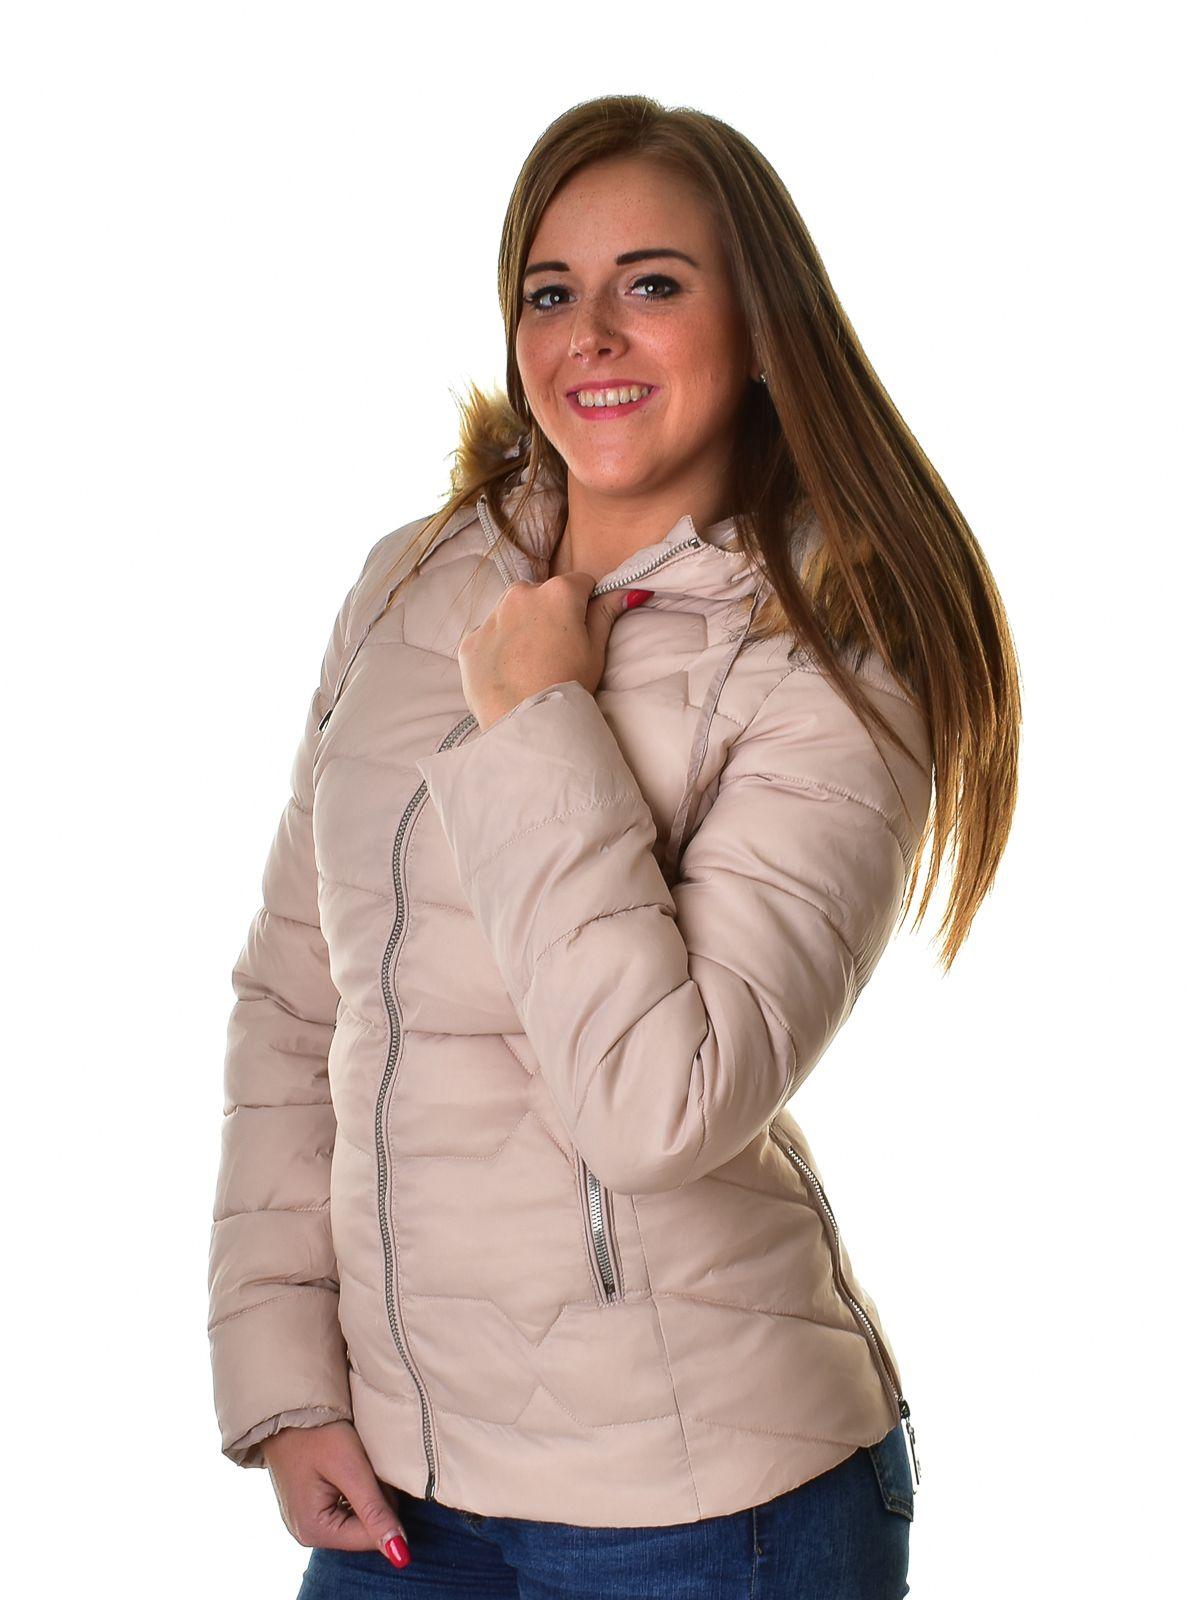 Ruházat - Átmeneti kabát Dzseki 398d48f0db